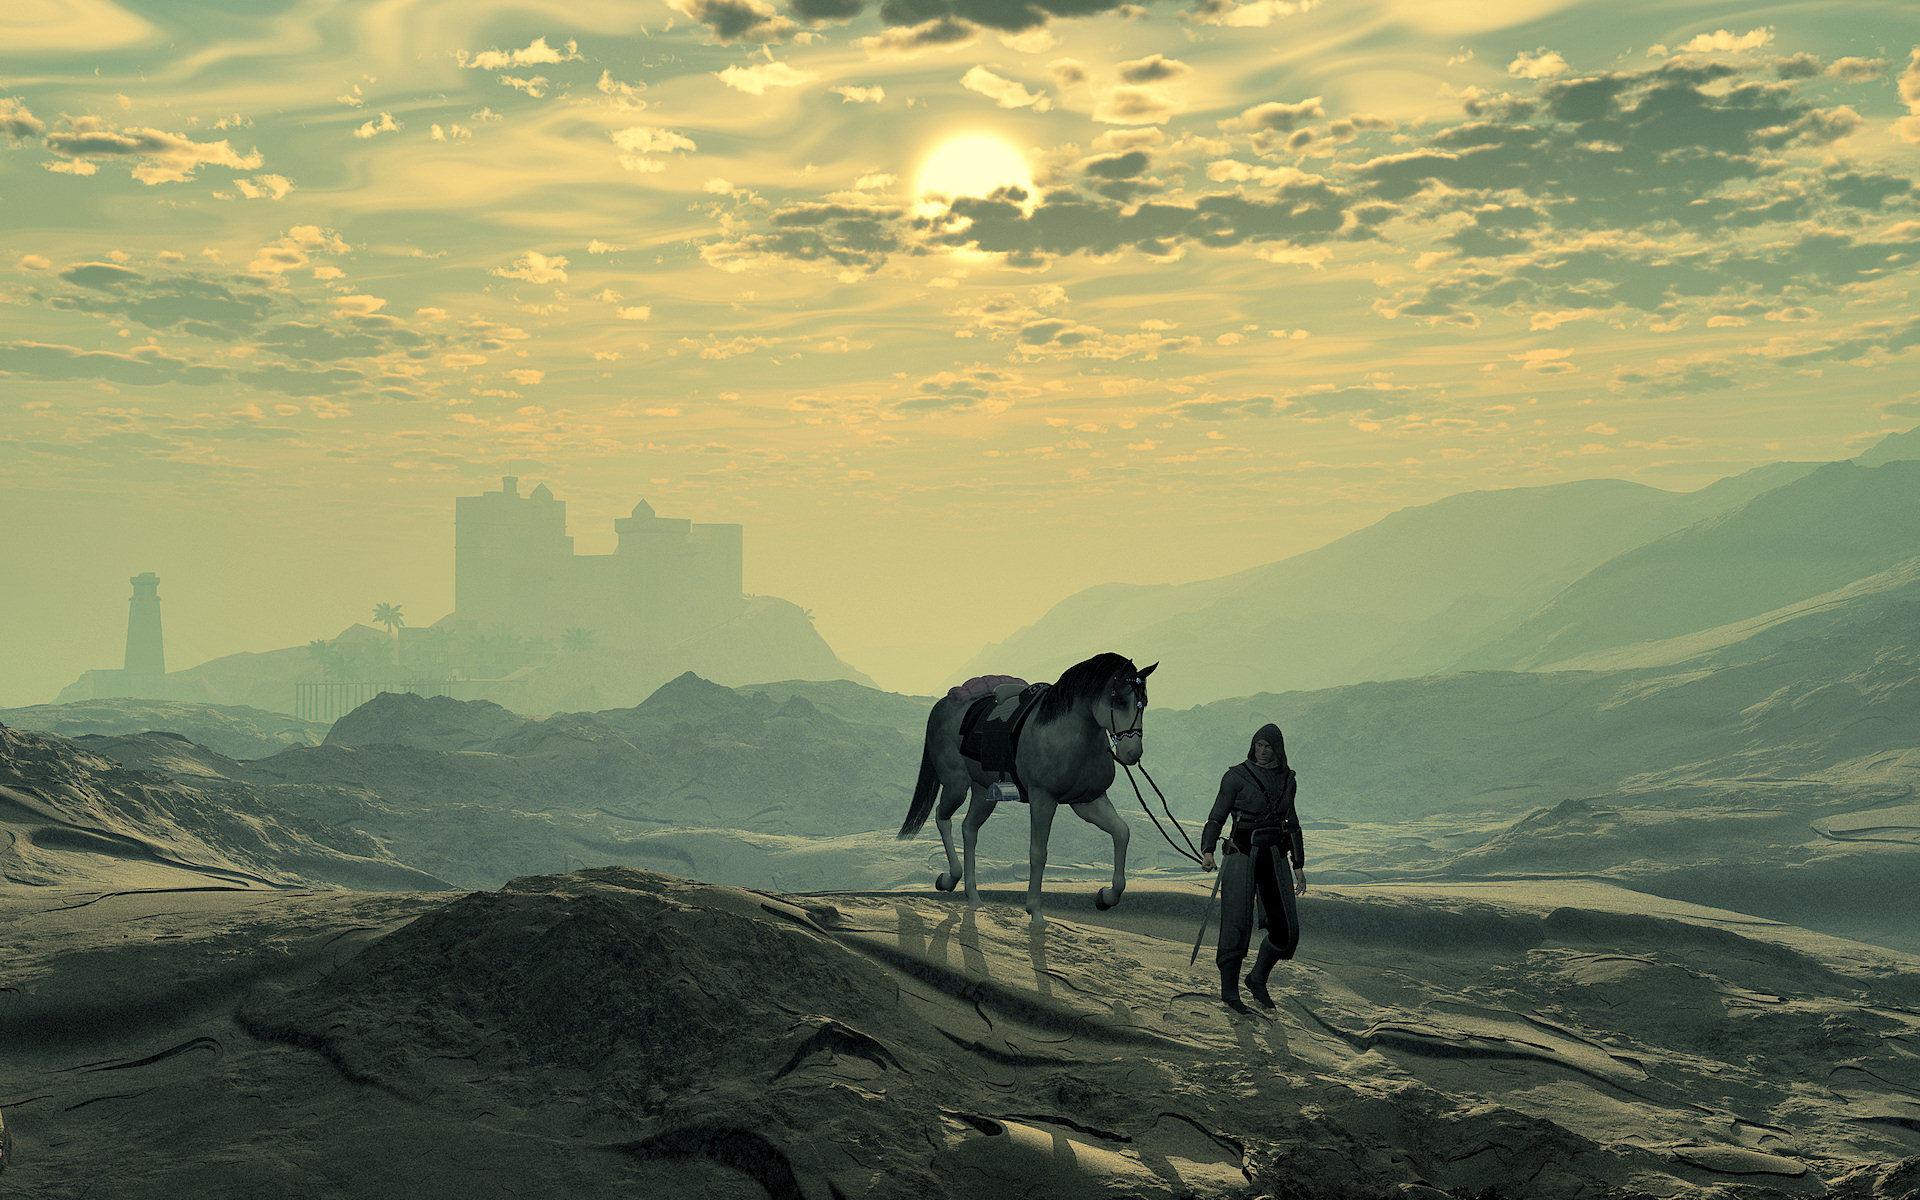 Simple Wallpaper Horse Angel - lone  Image_98135.jpg